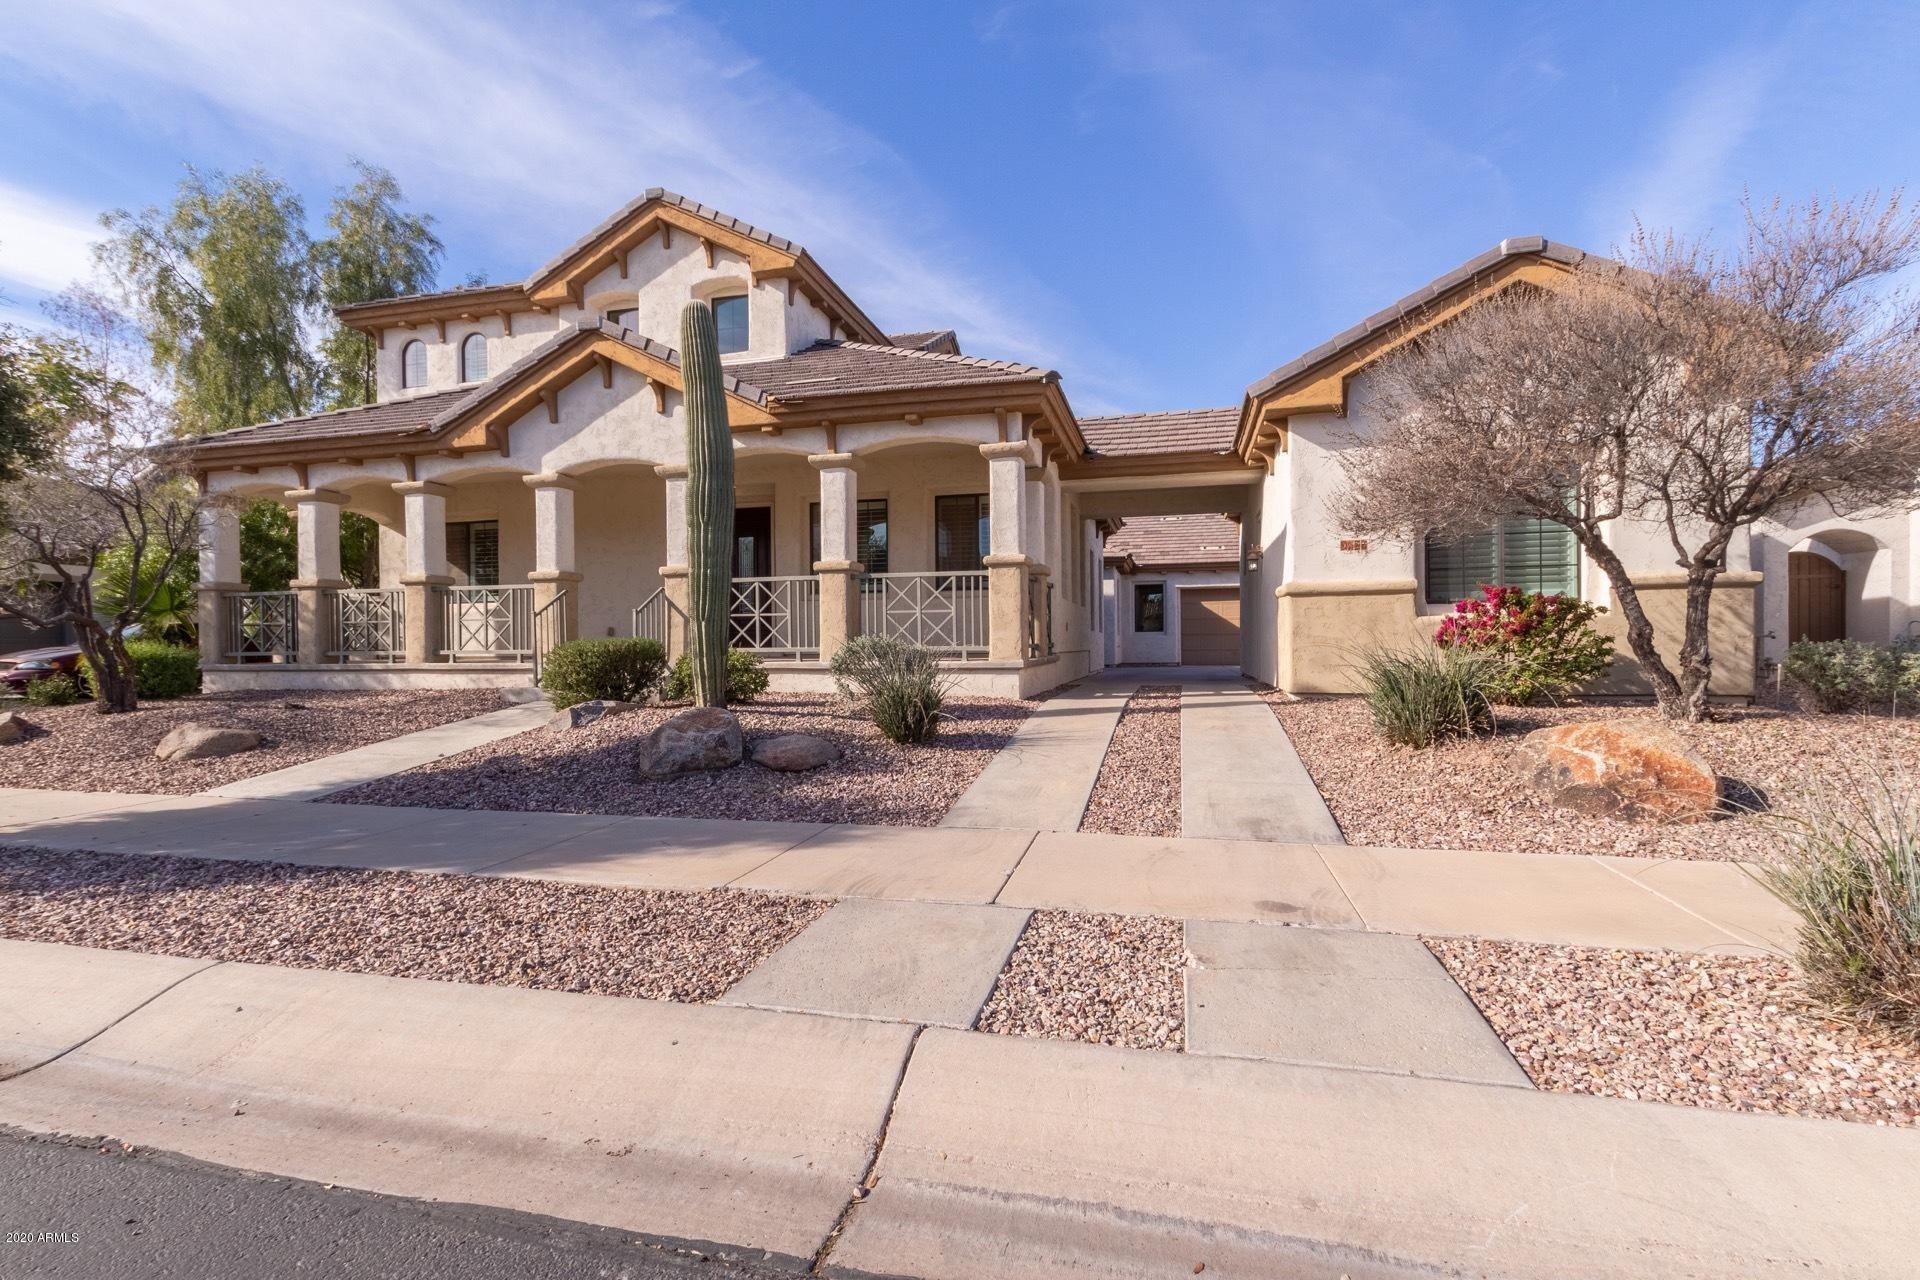 136 N PARKVIEW Lane, Litchfield Park, AZ 85340 - MLS#: 6021141